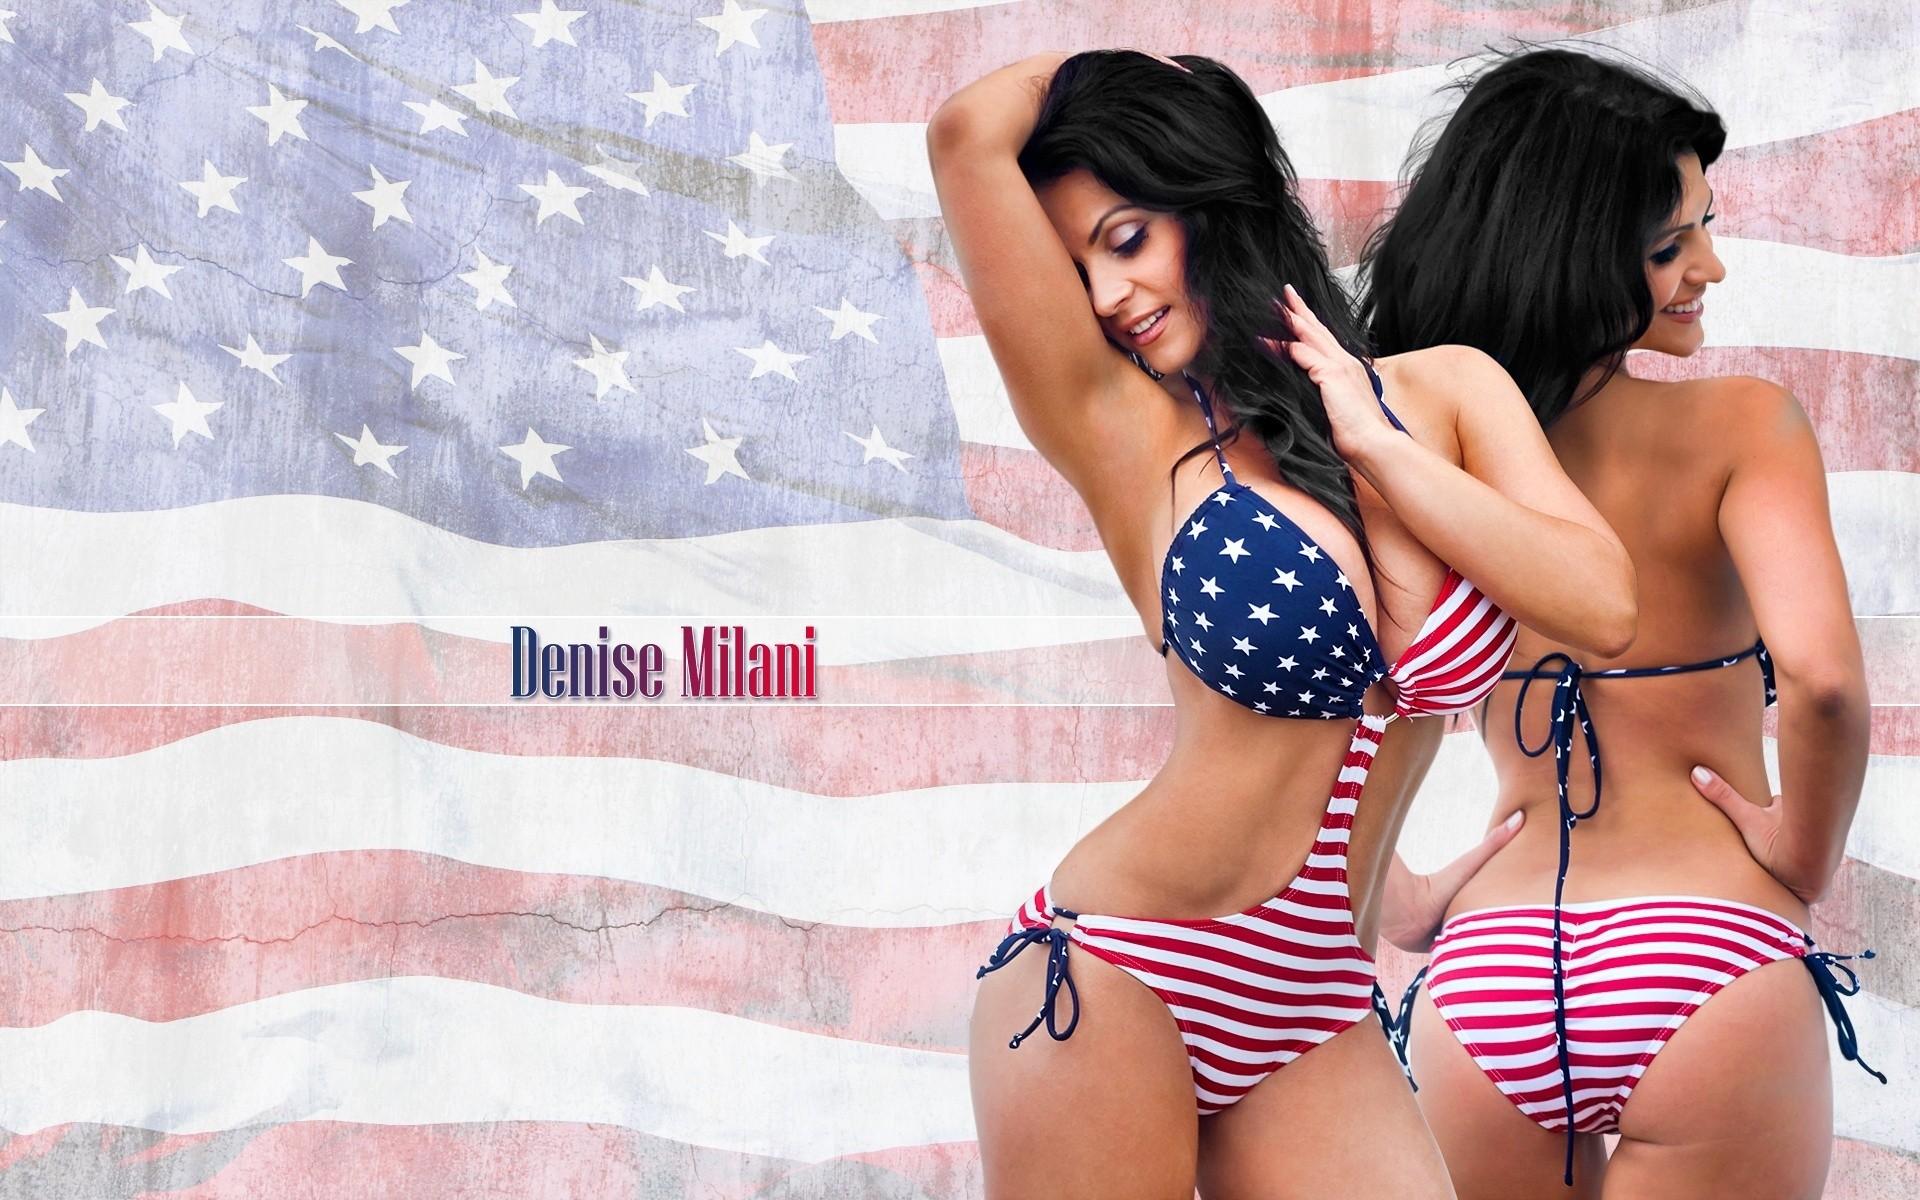 Бабу в бикини американский флаг ебут — photo 2